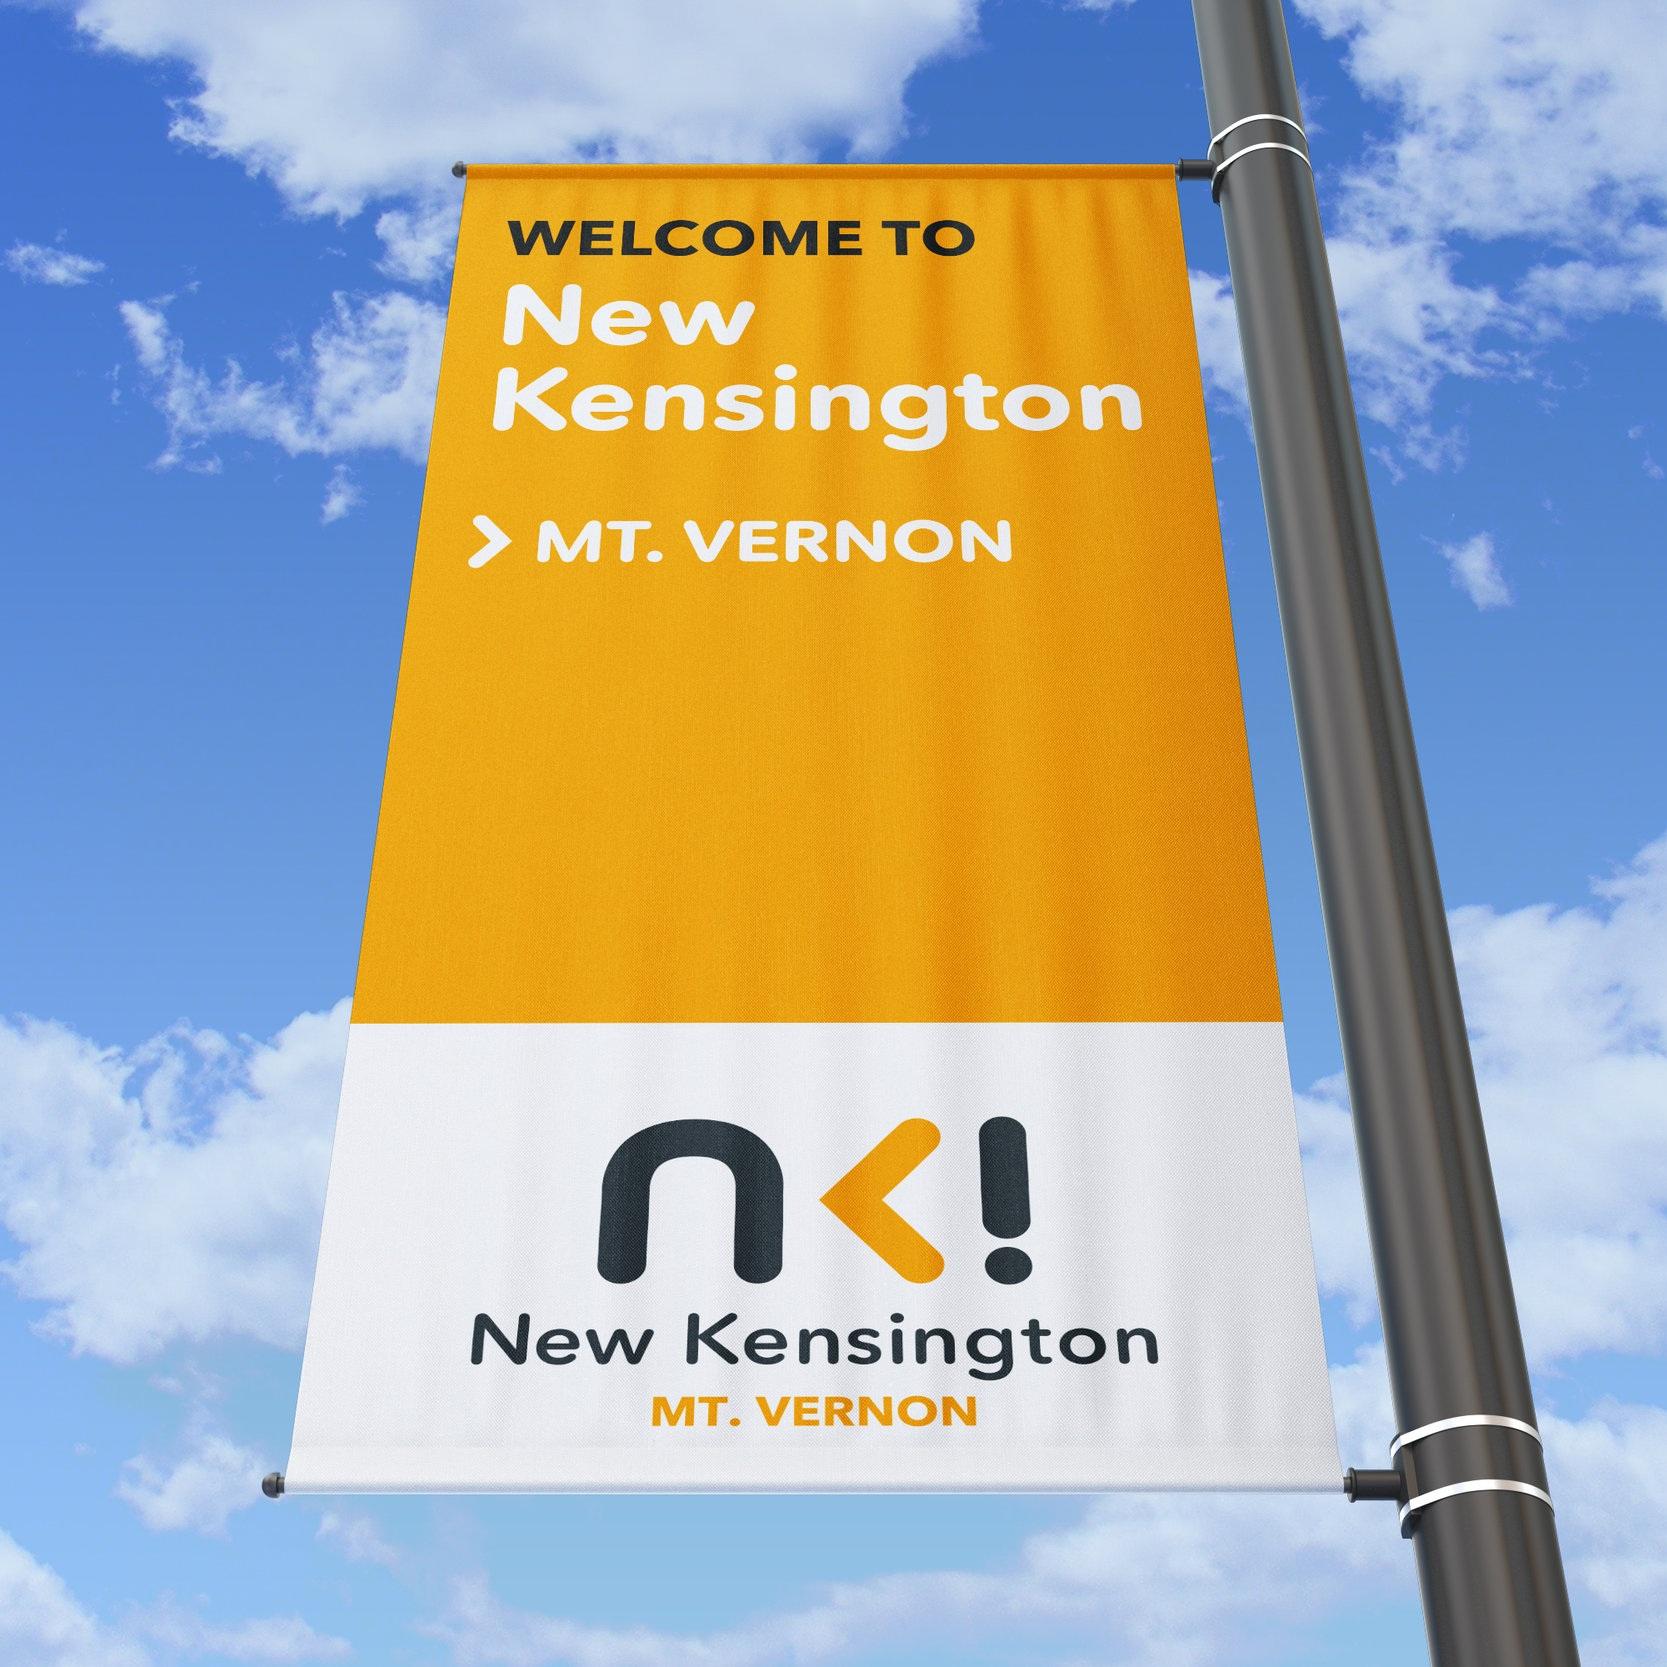 NewKen_Welcome_Poster_Concept1_MountVernon.jpg